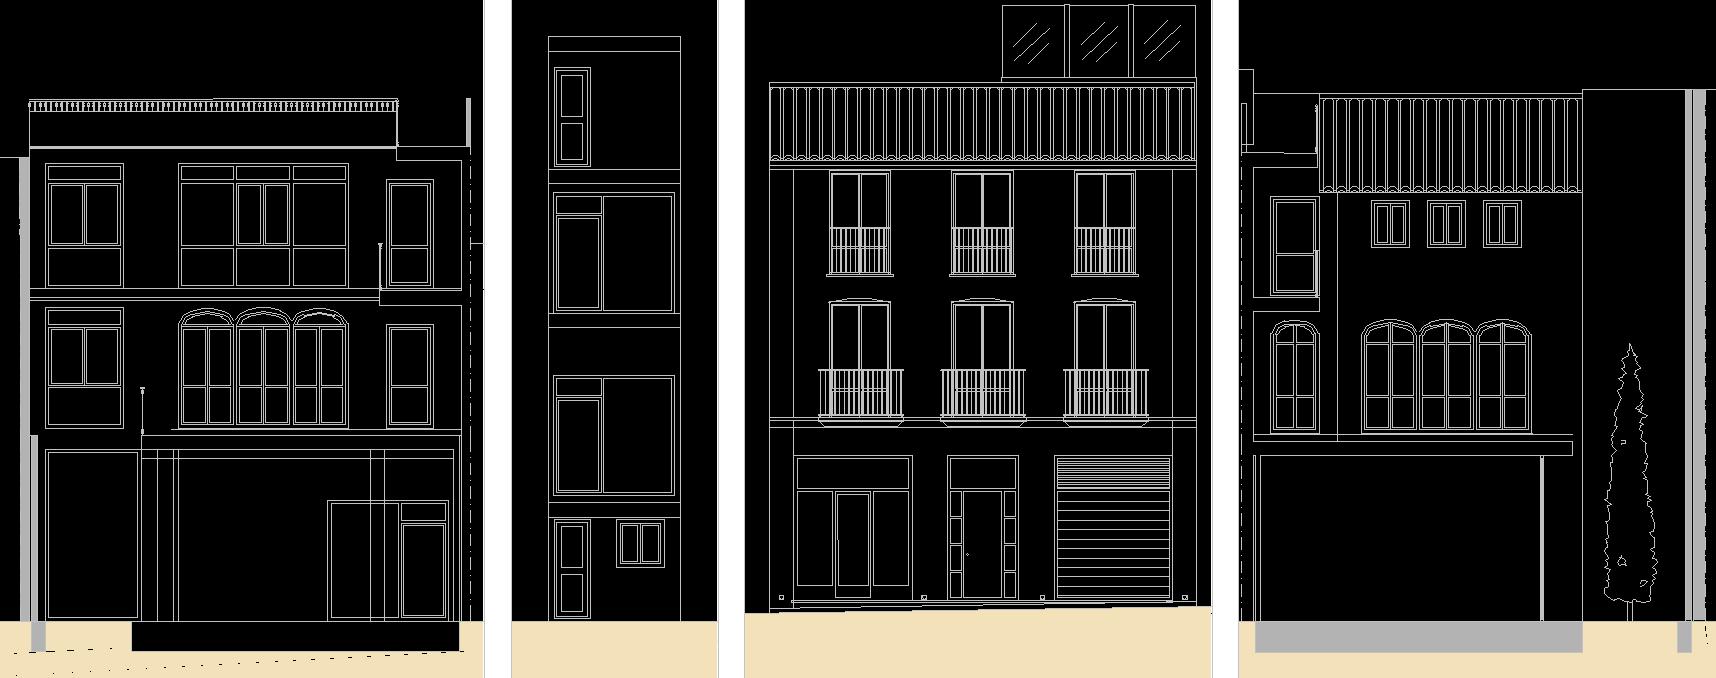 Vivienda unifamiliar entre medianeras proyecto de vivienda unifamiliar entre medianeras con - Casa soto baiona ...